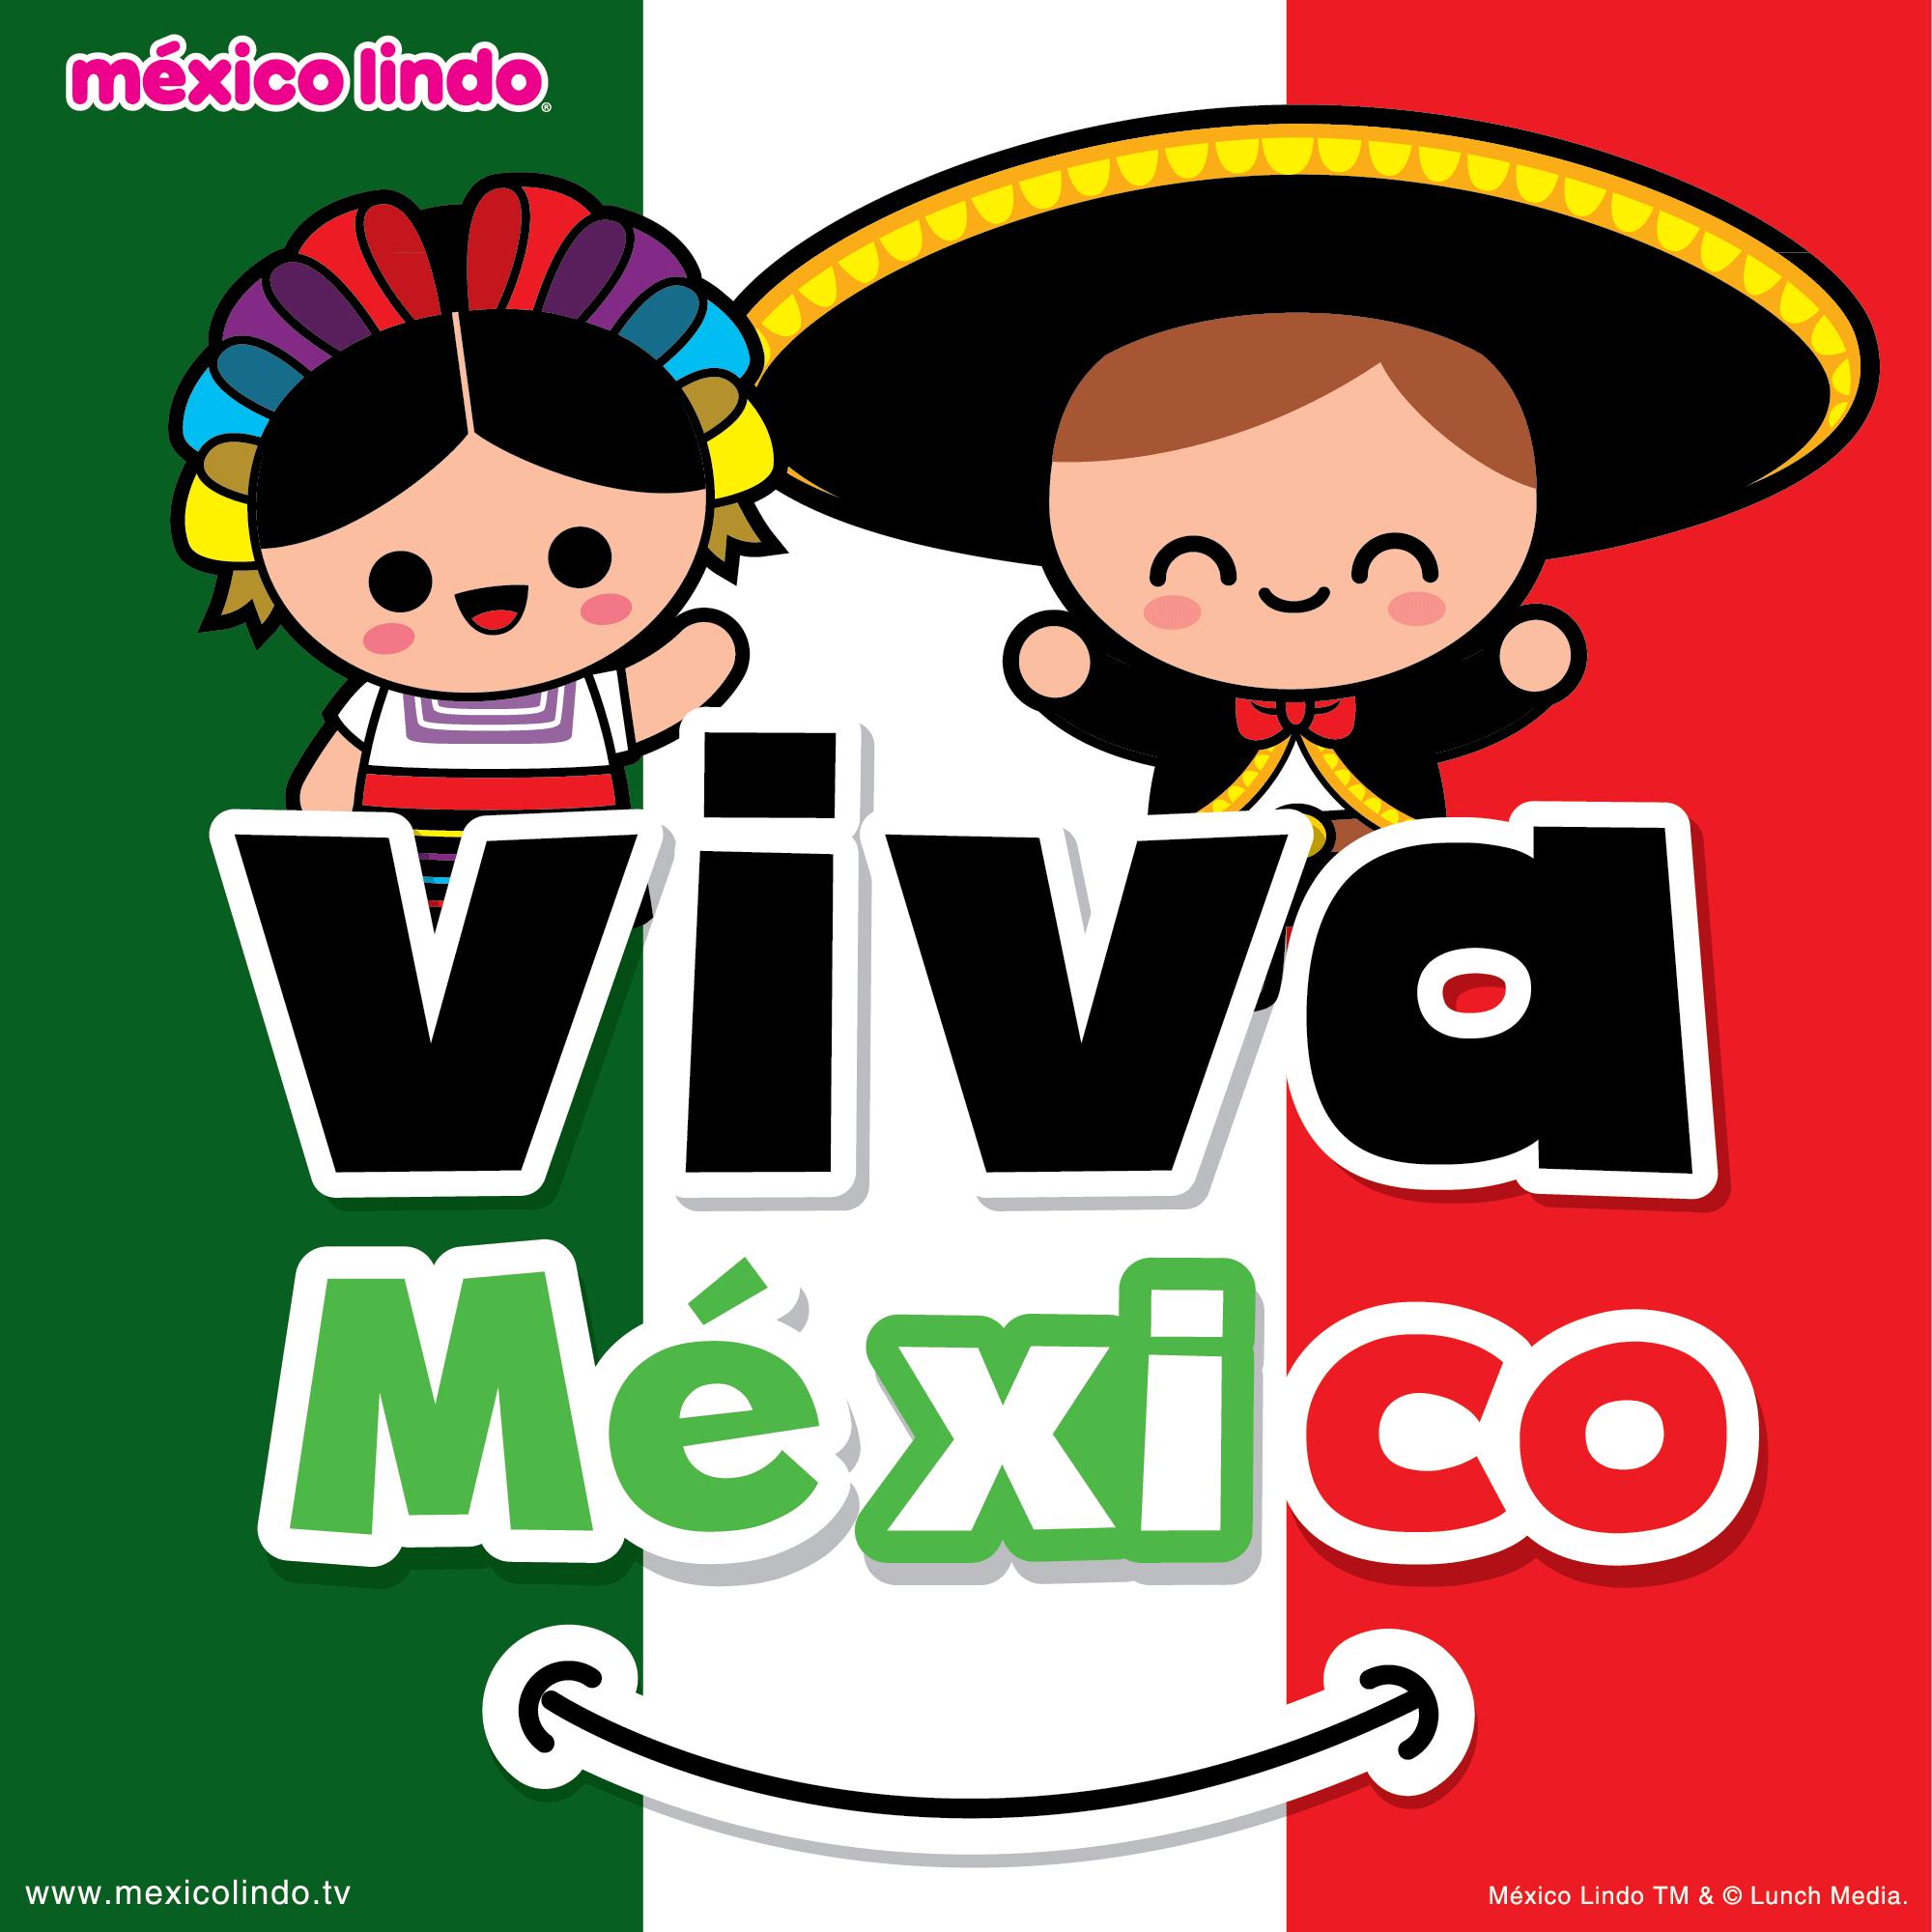 viva mexico  Buscar con Google  MEXICO LINDO Y QUERIDO